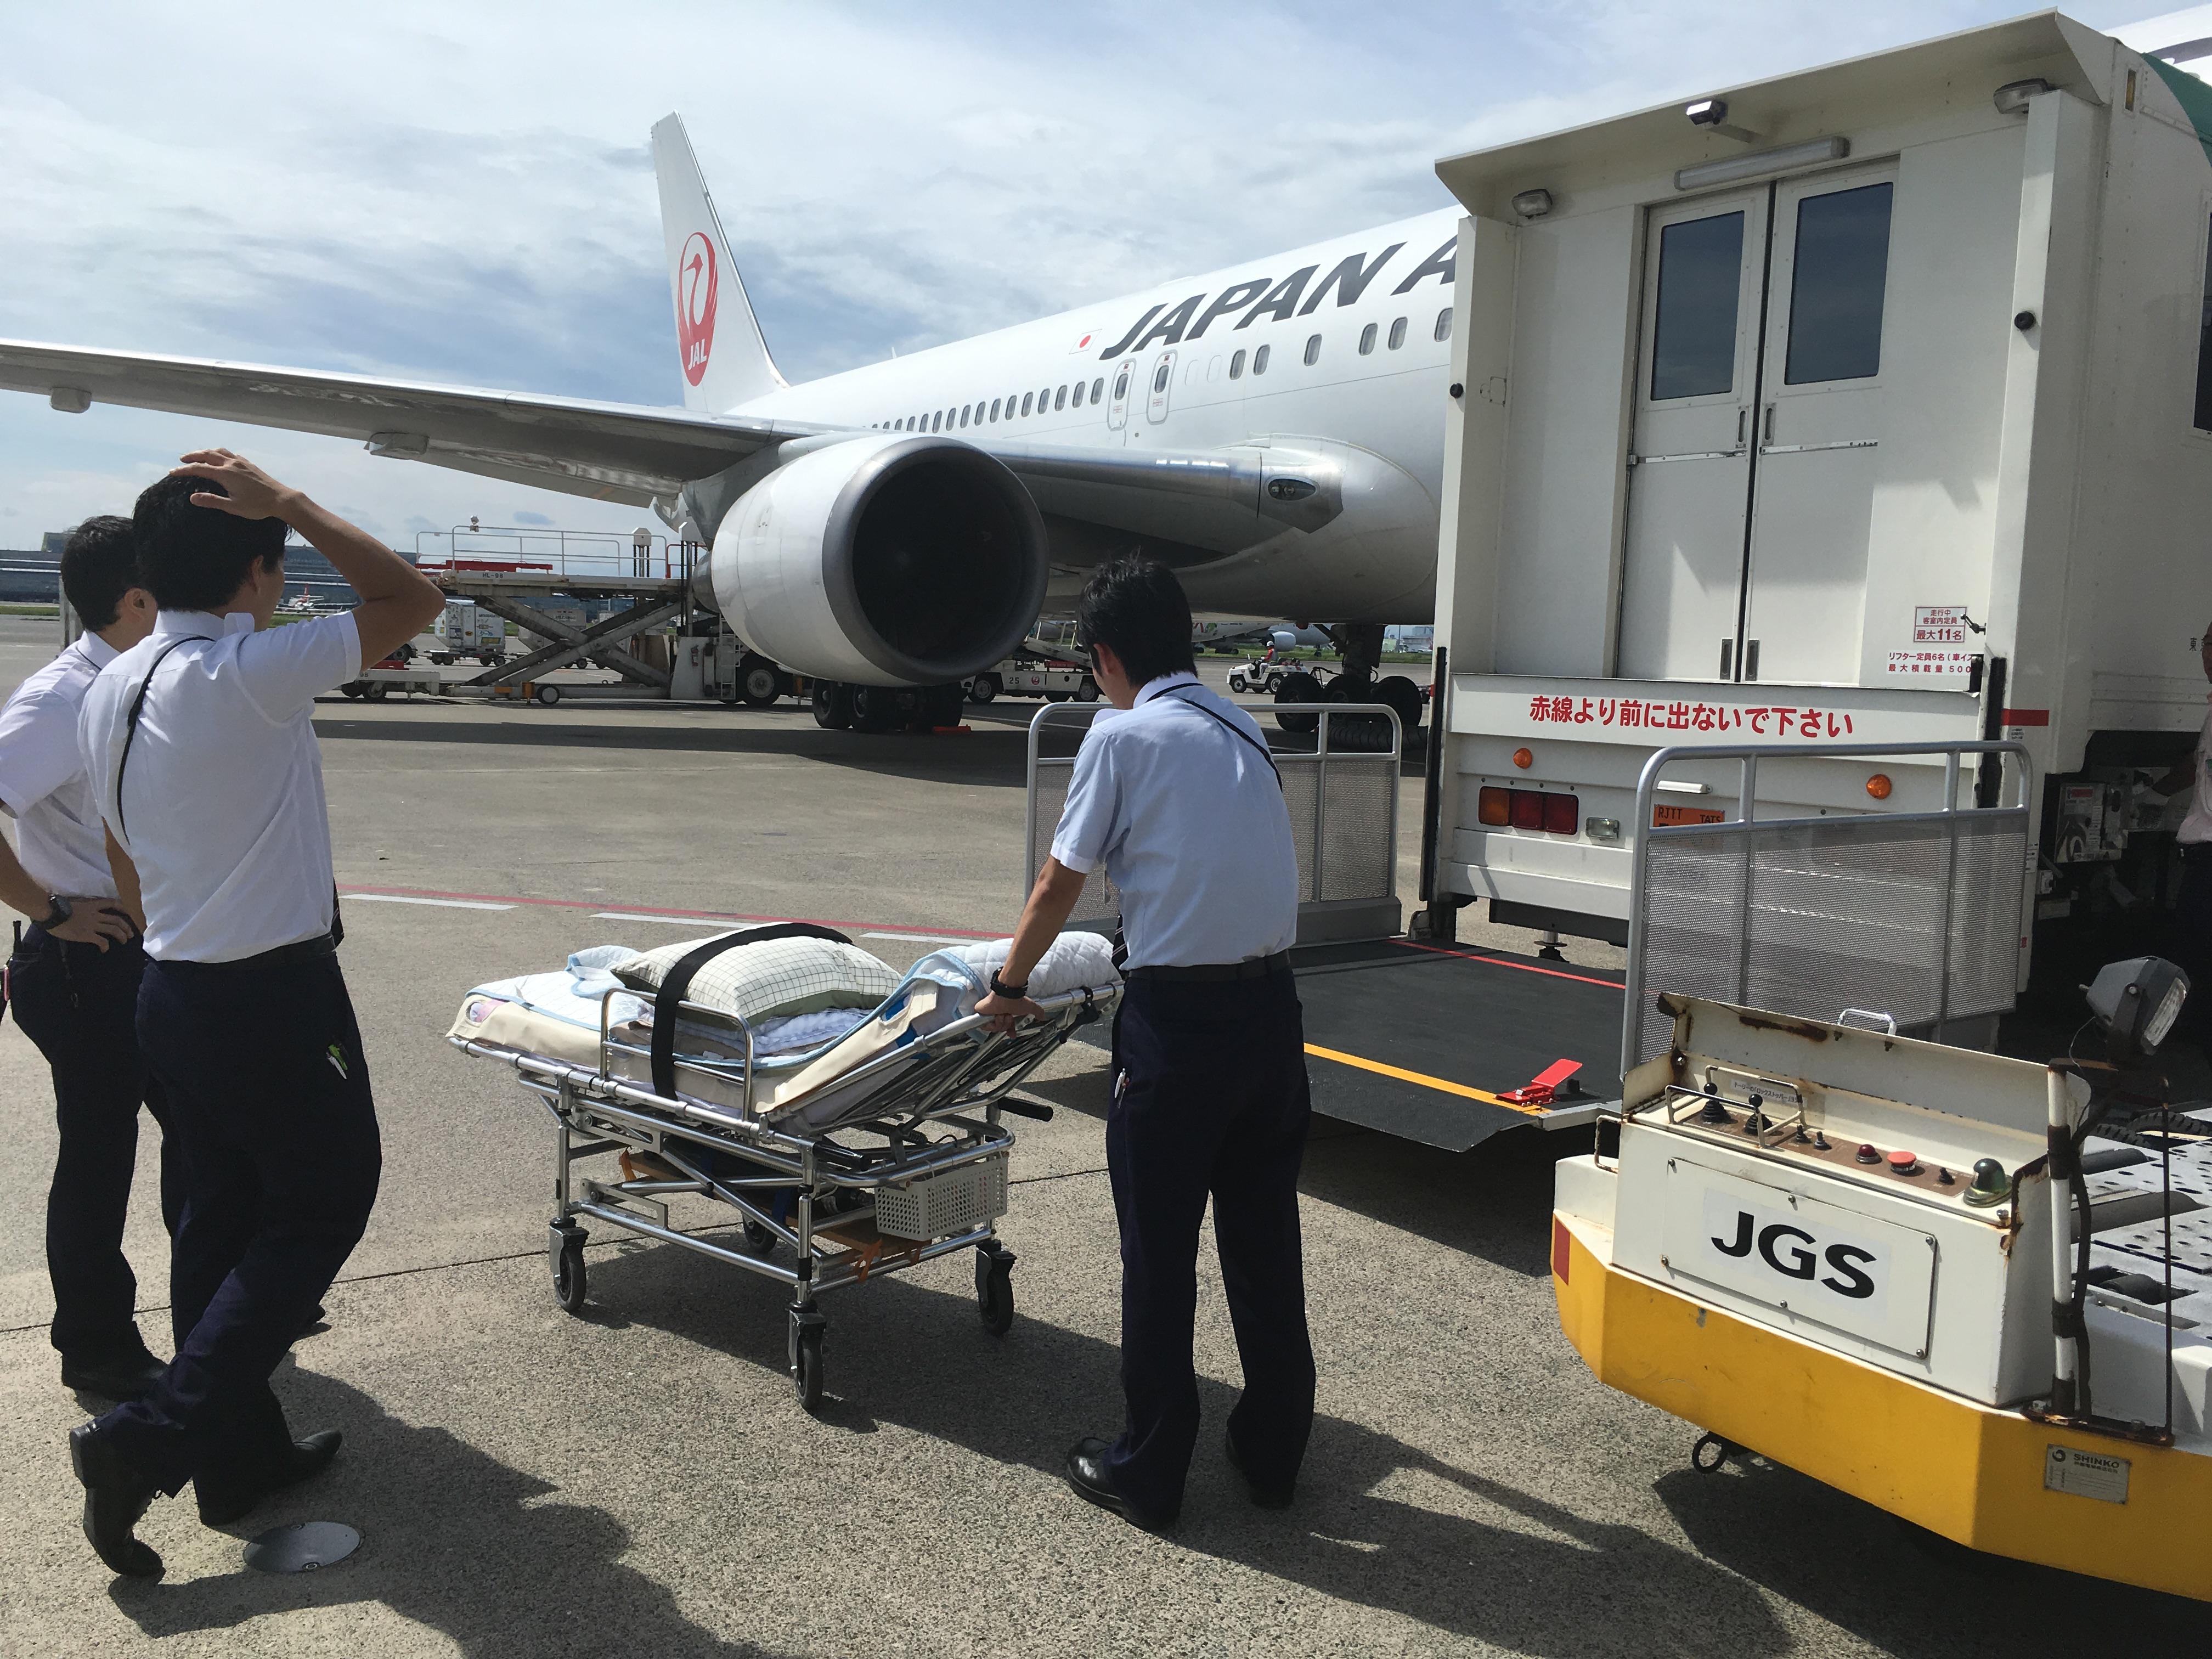 飛行機,航空機,患者搬送,移送